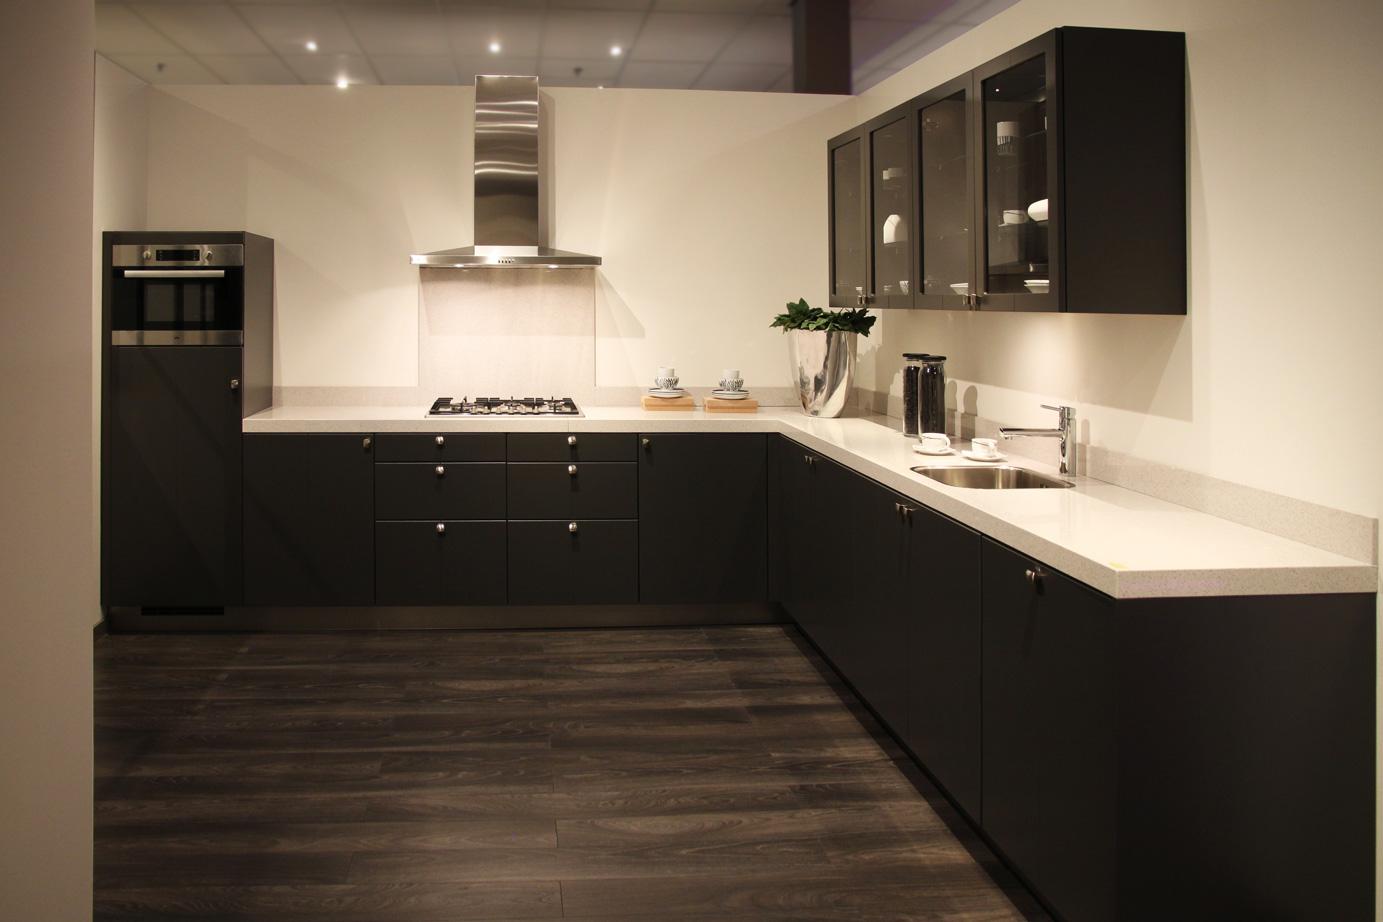 Moderne Zwarte Keuken : Zwarte keukens in iedere stijl budget en opstelling avanti